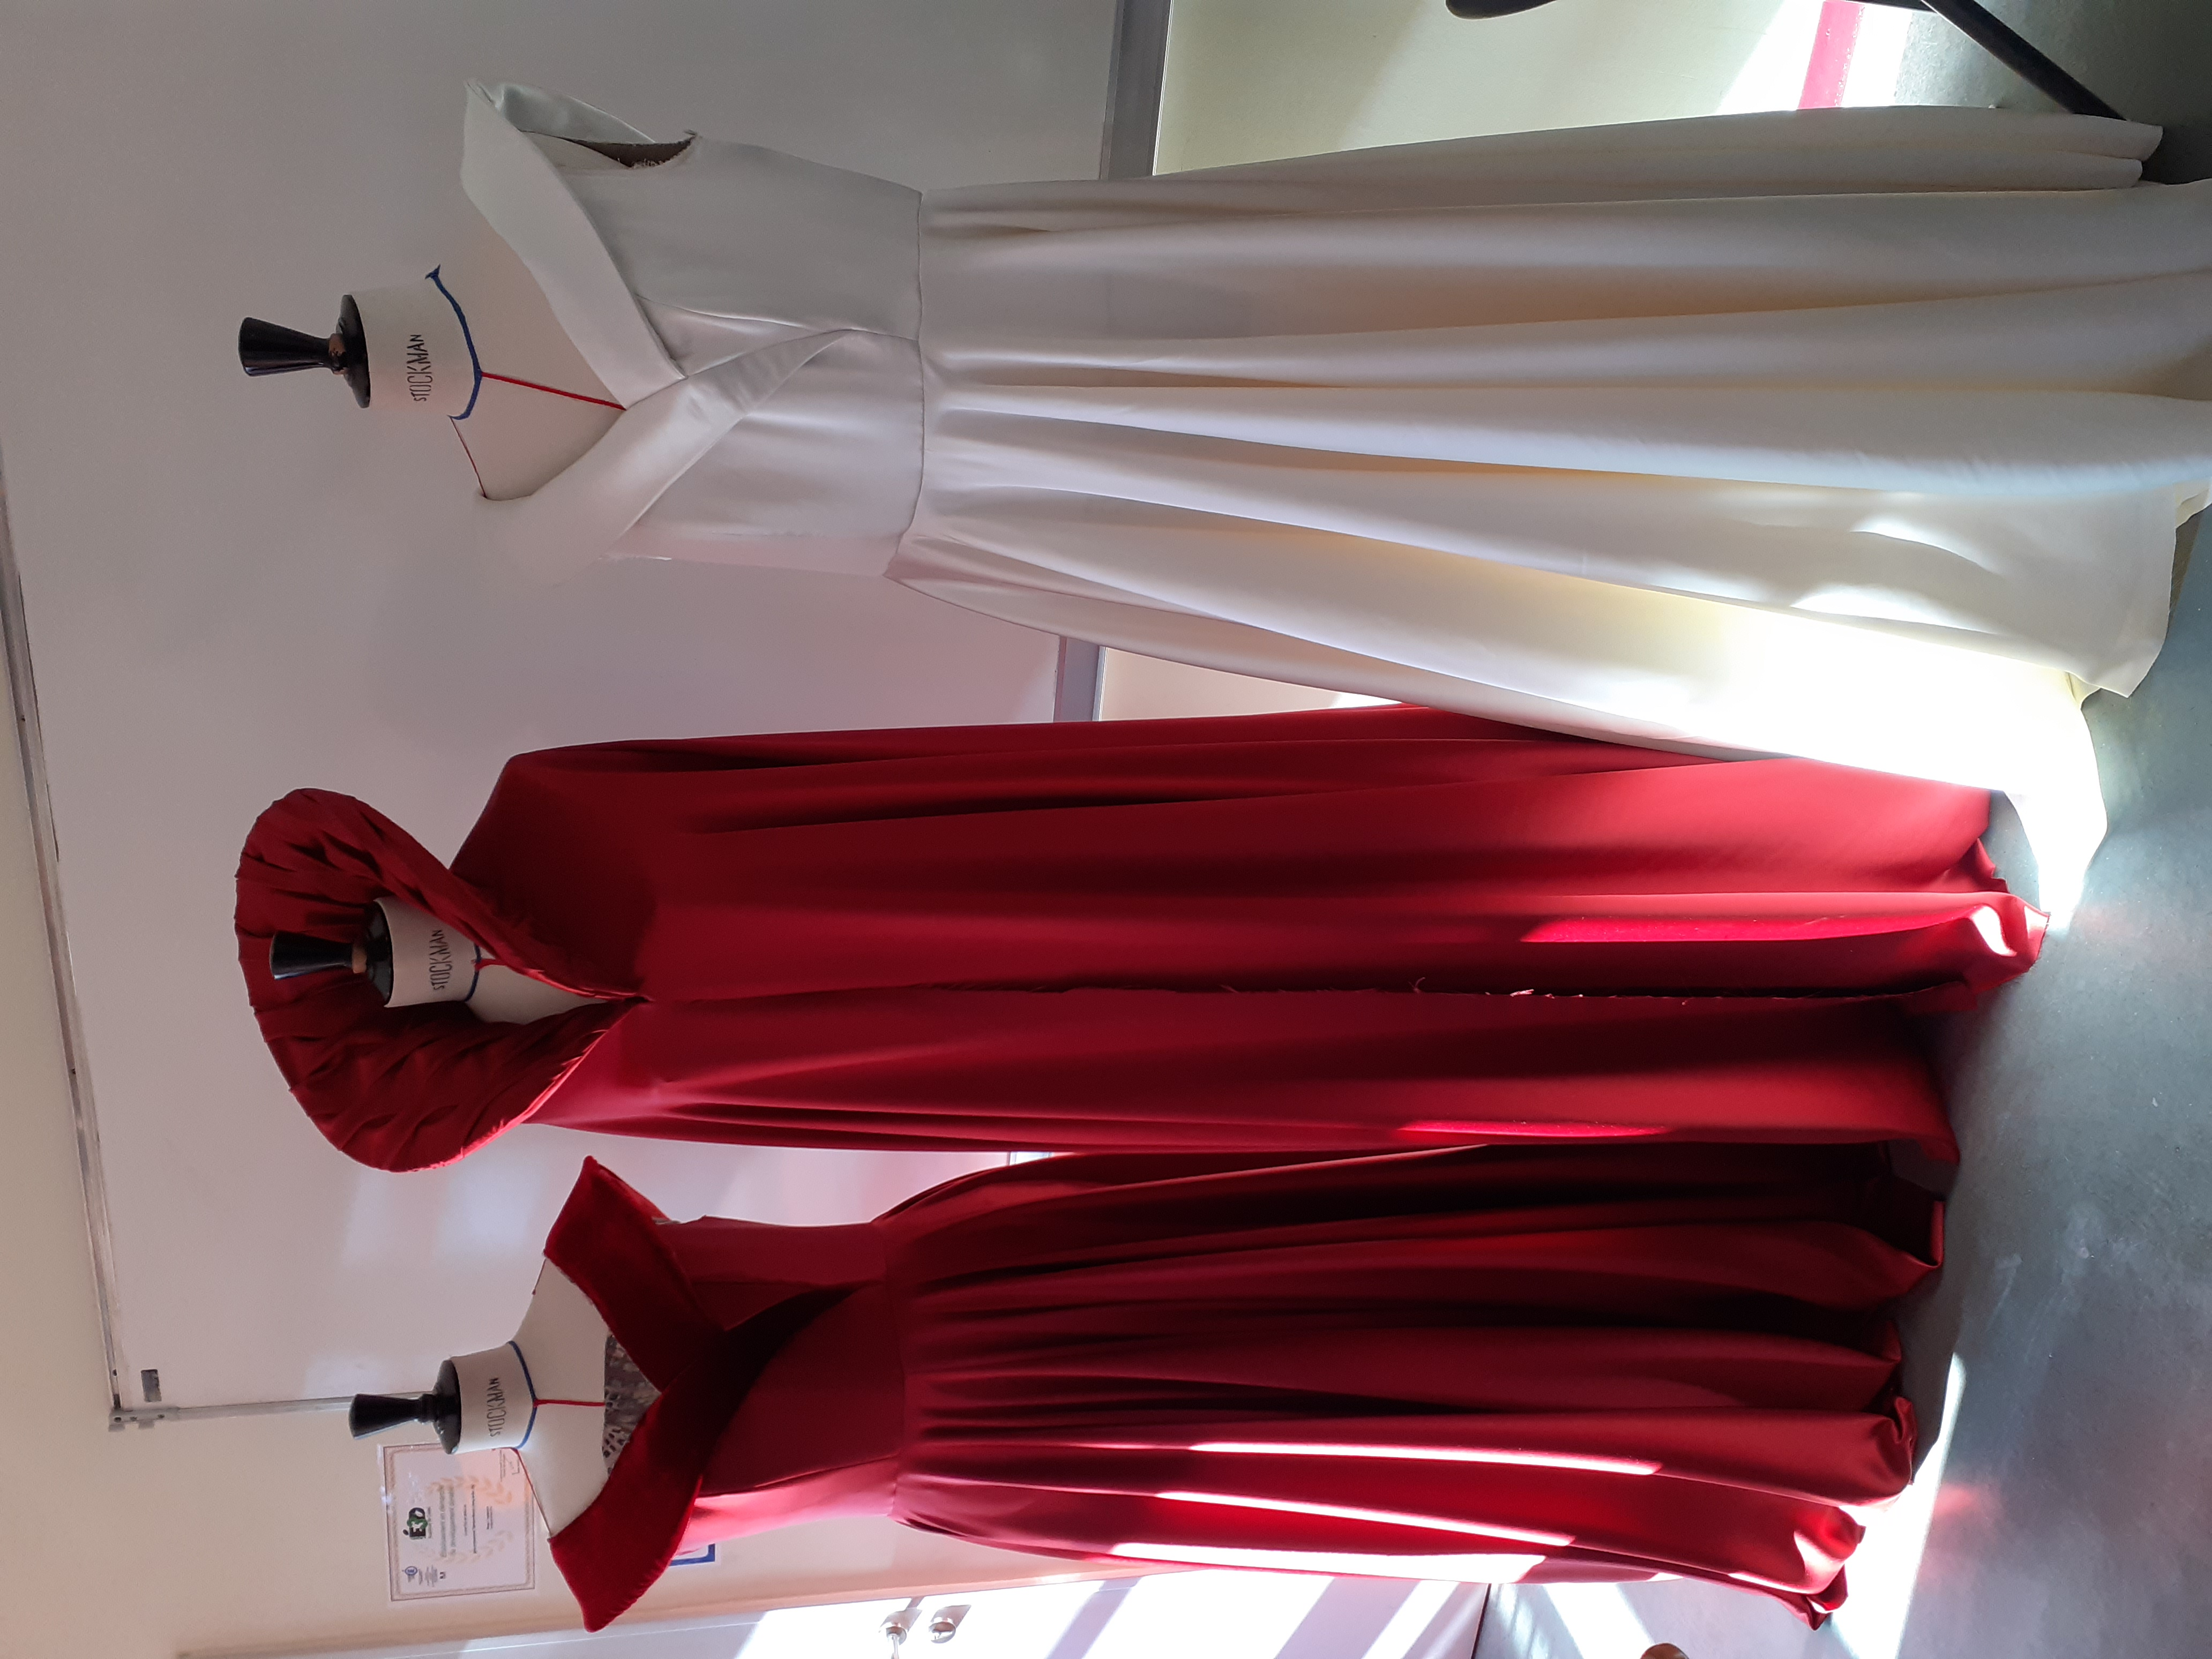 Robes Violetta.jpg